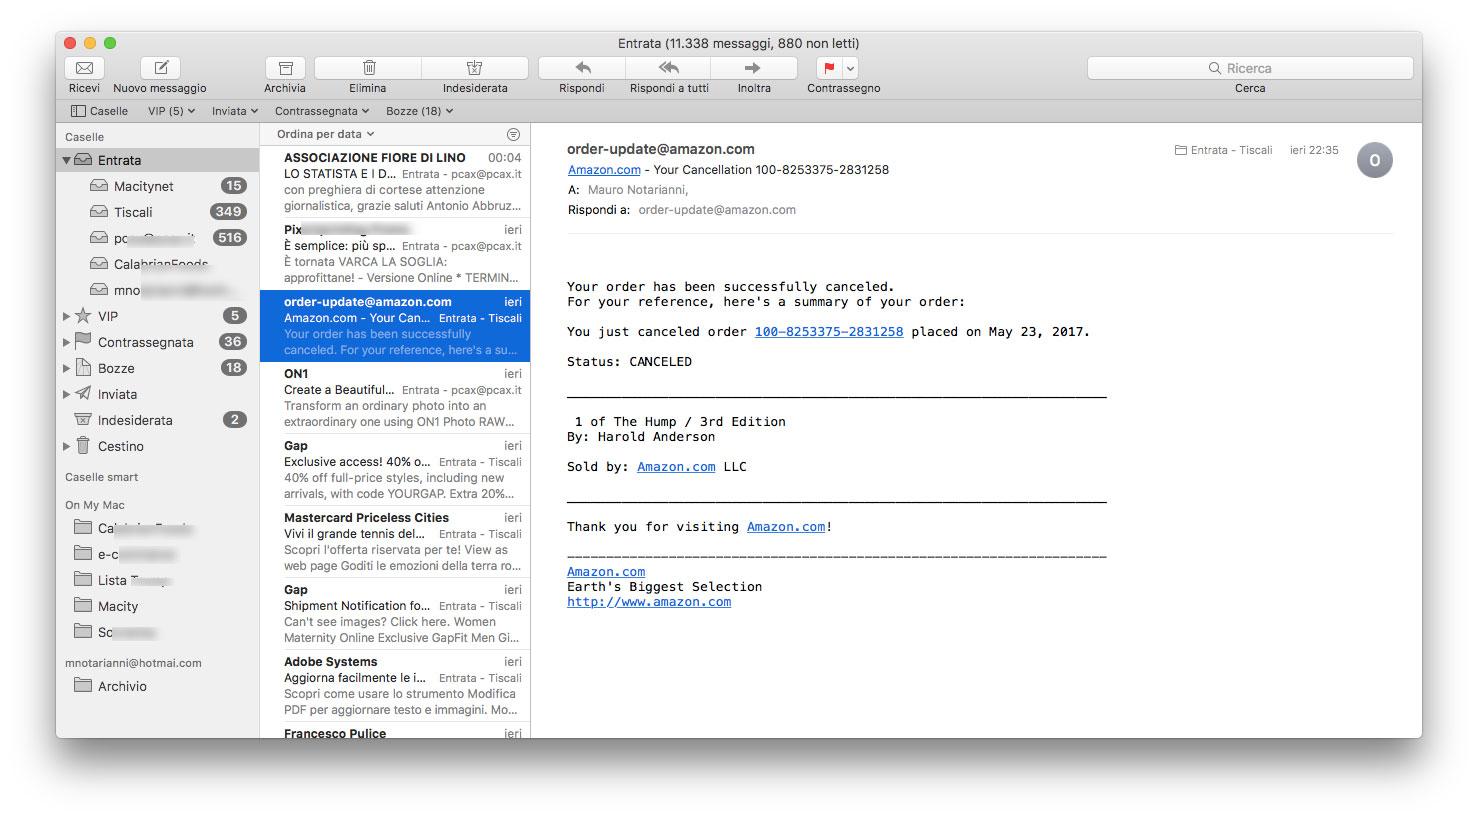 Esempio di mail che potrebbe ingannare utenti poco attenti. SEMBRA arrivare da Amazon: in realtà i link rimandano ad un sito di phishing